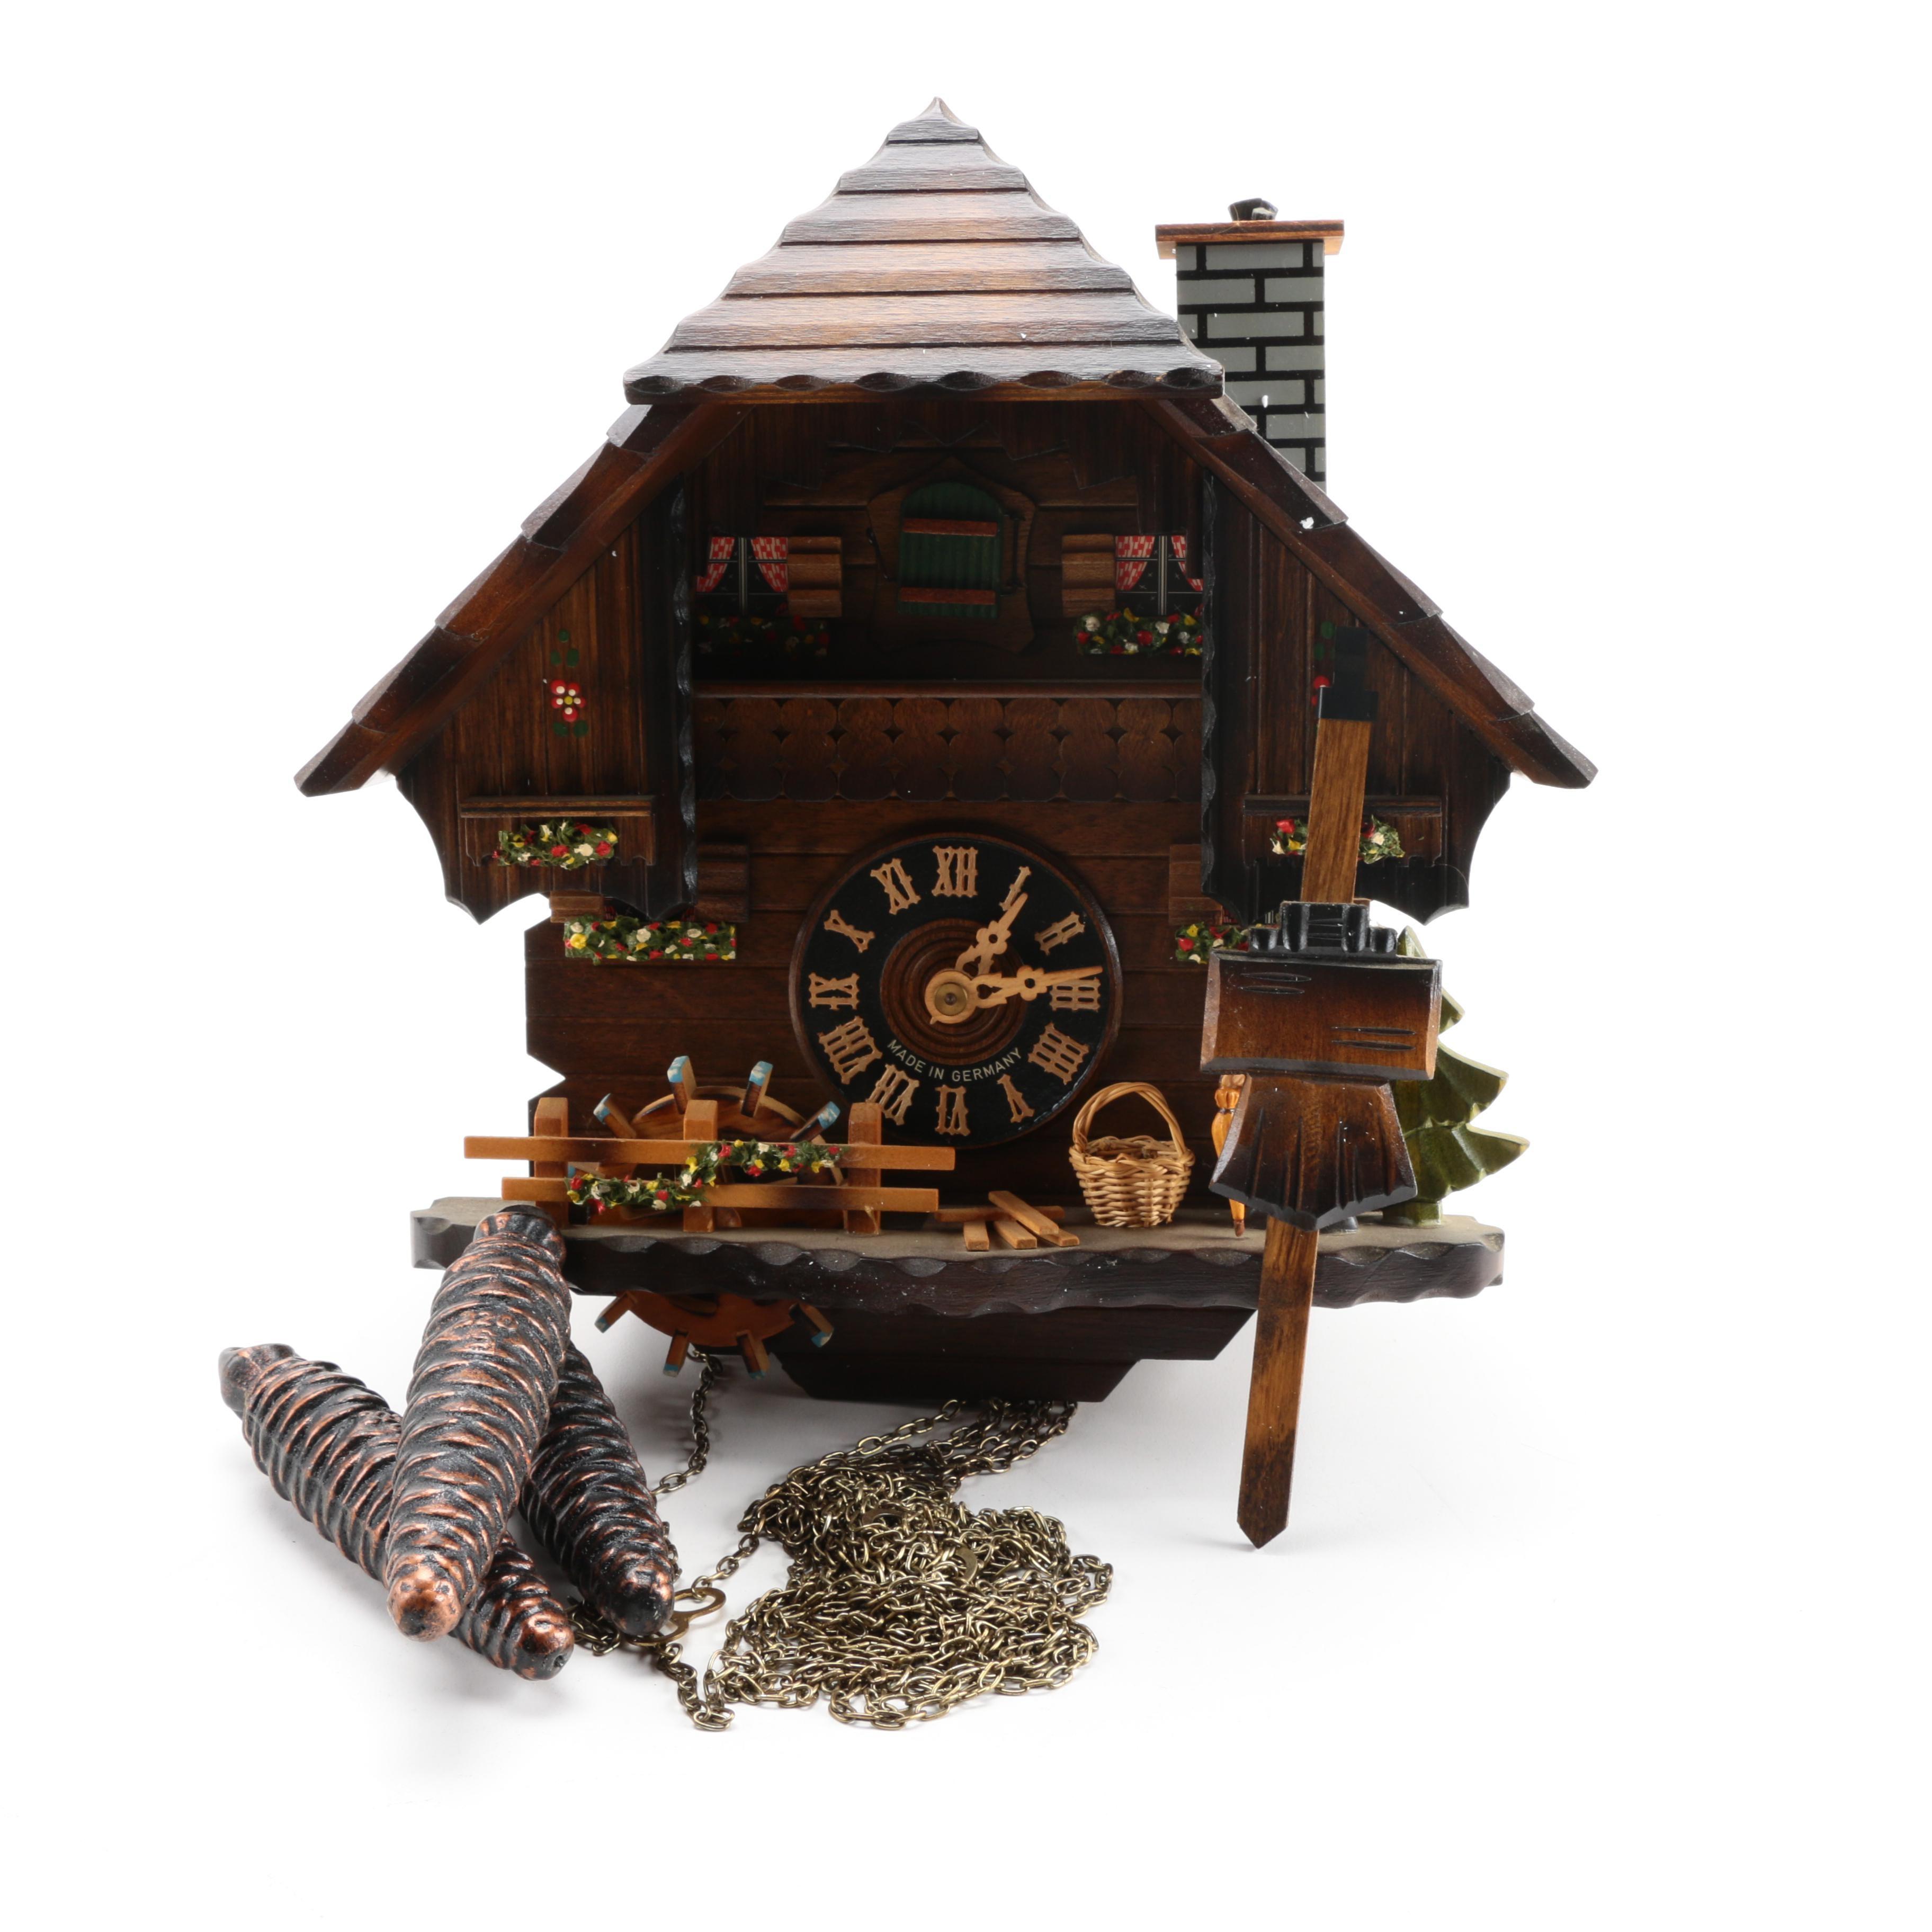 Vintage Wooden German Cuckoo Clock